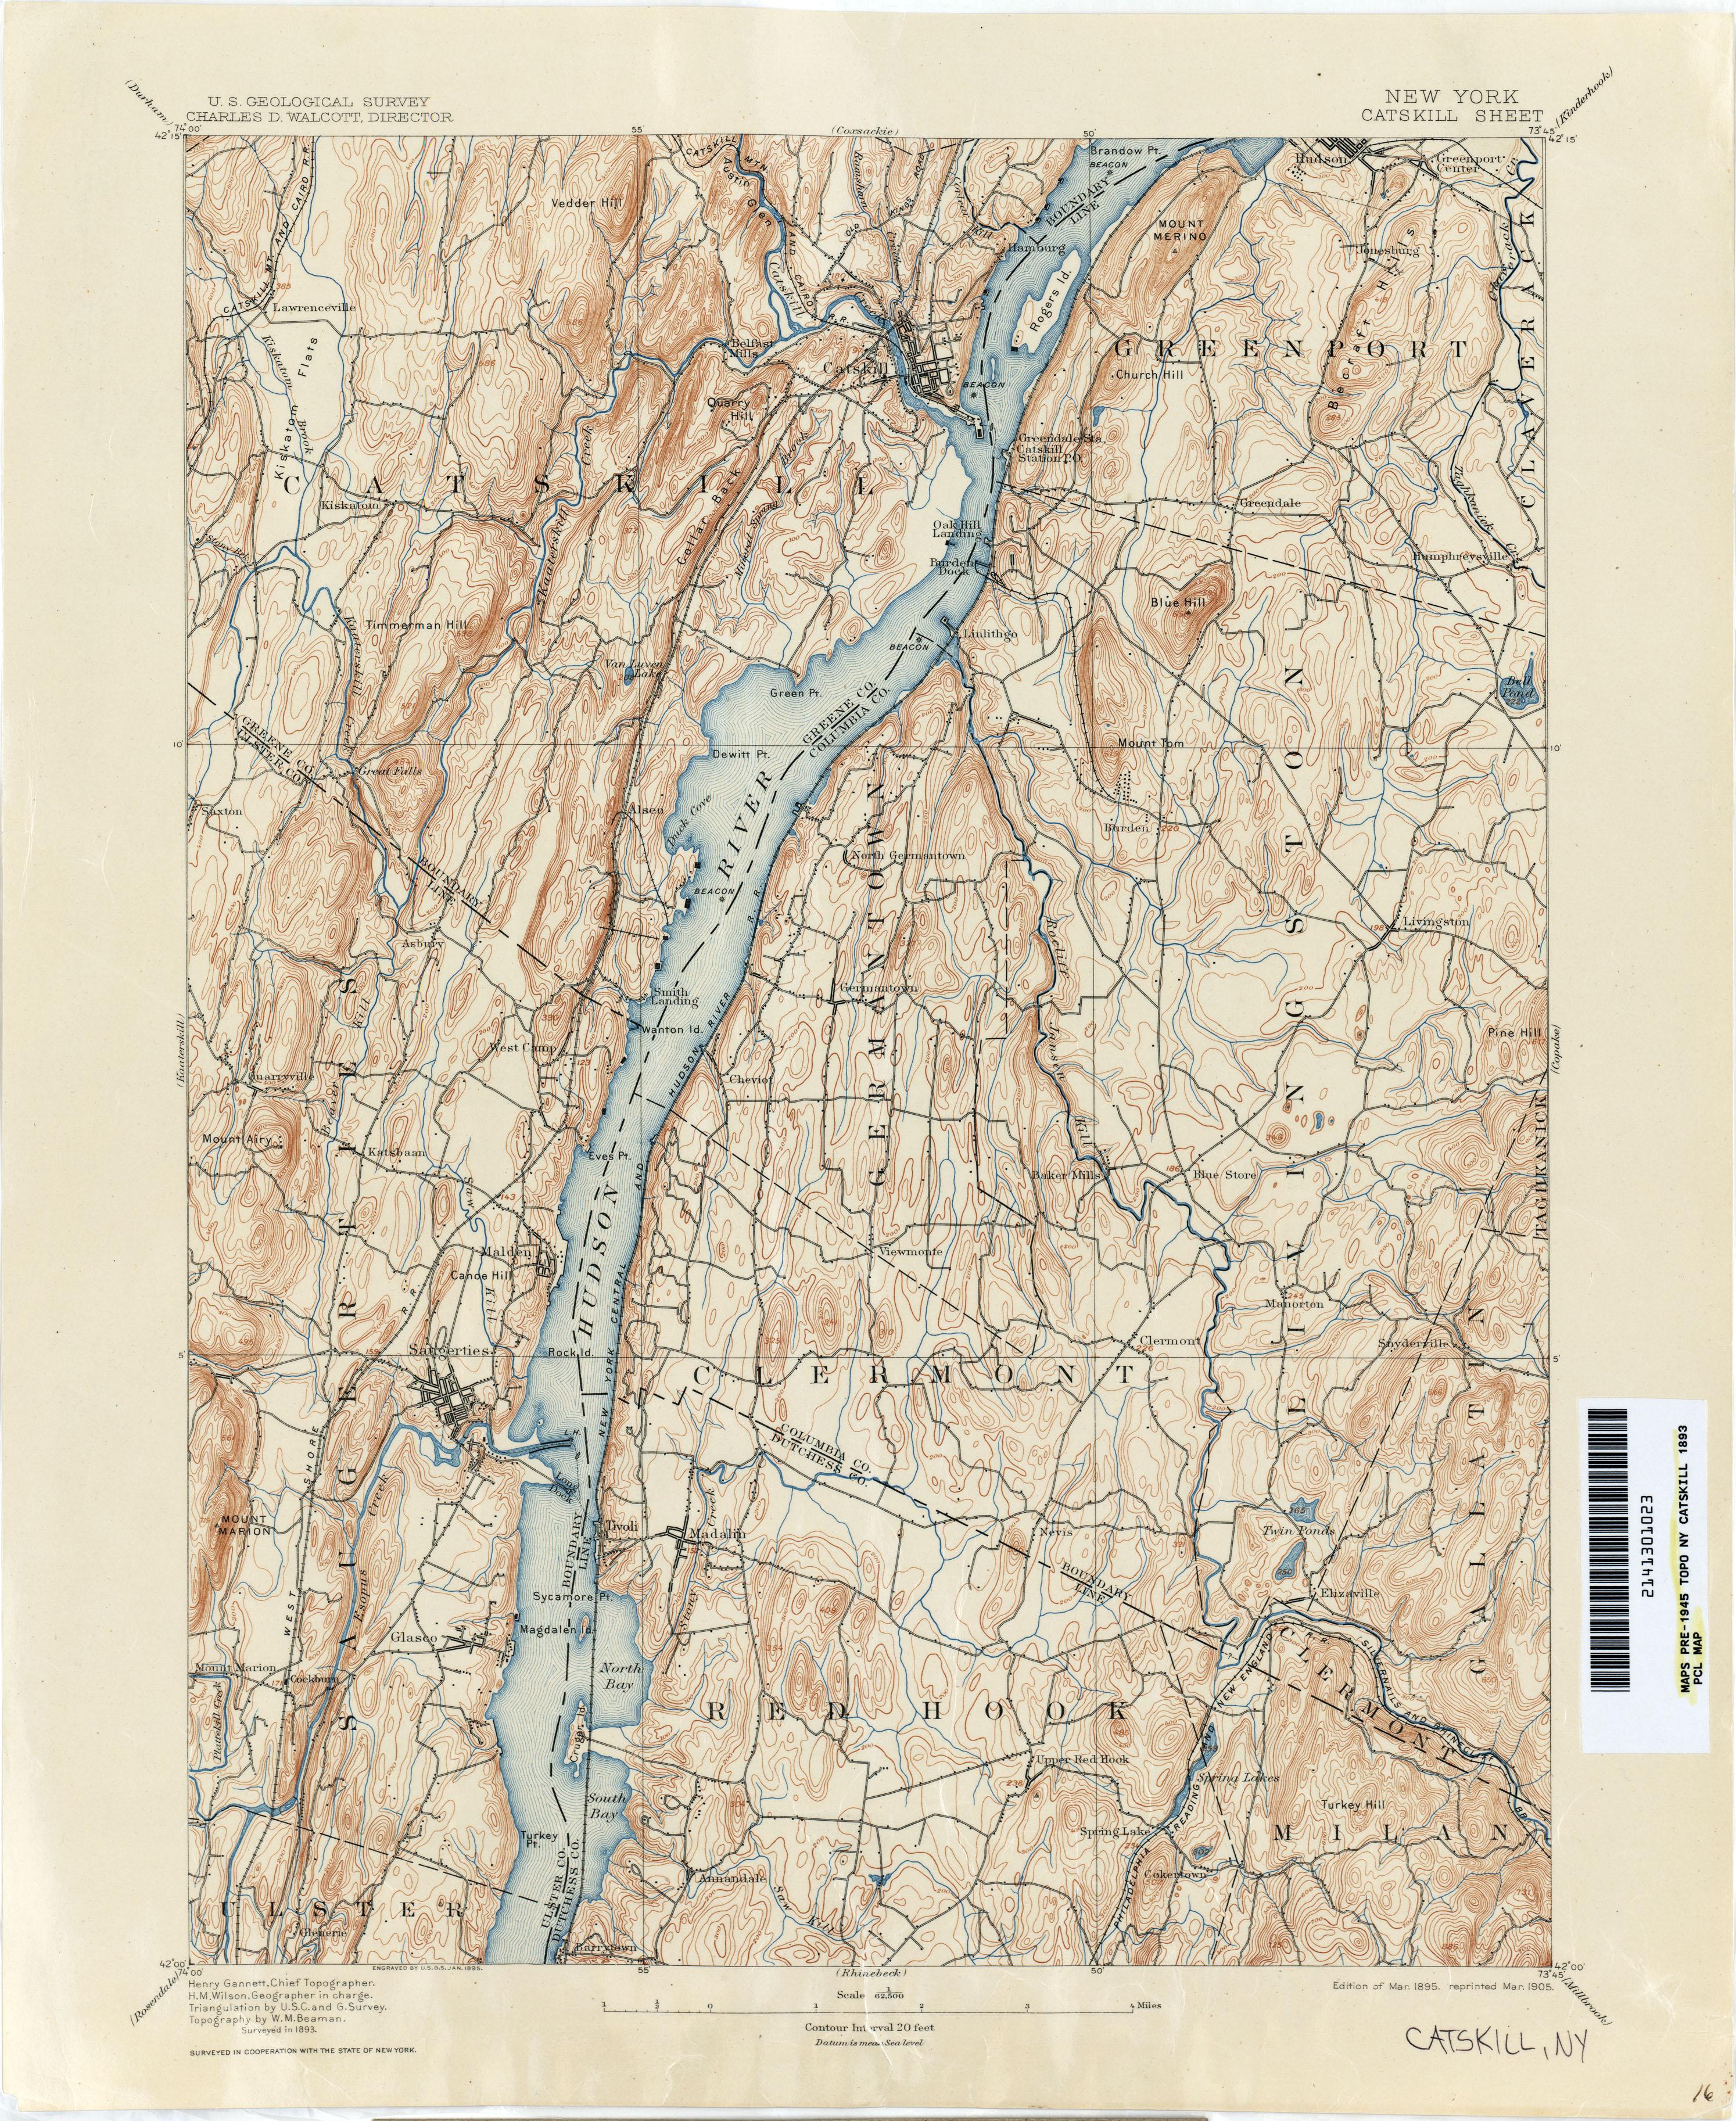 Durham Ny Map on